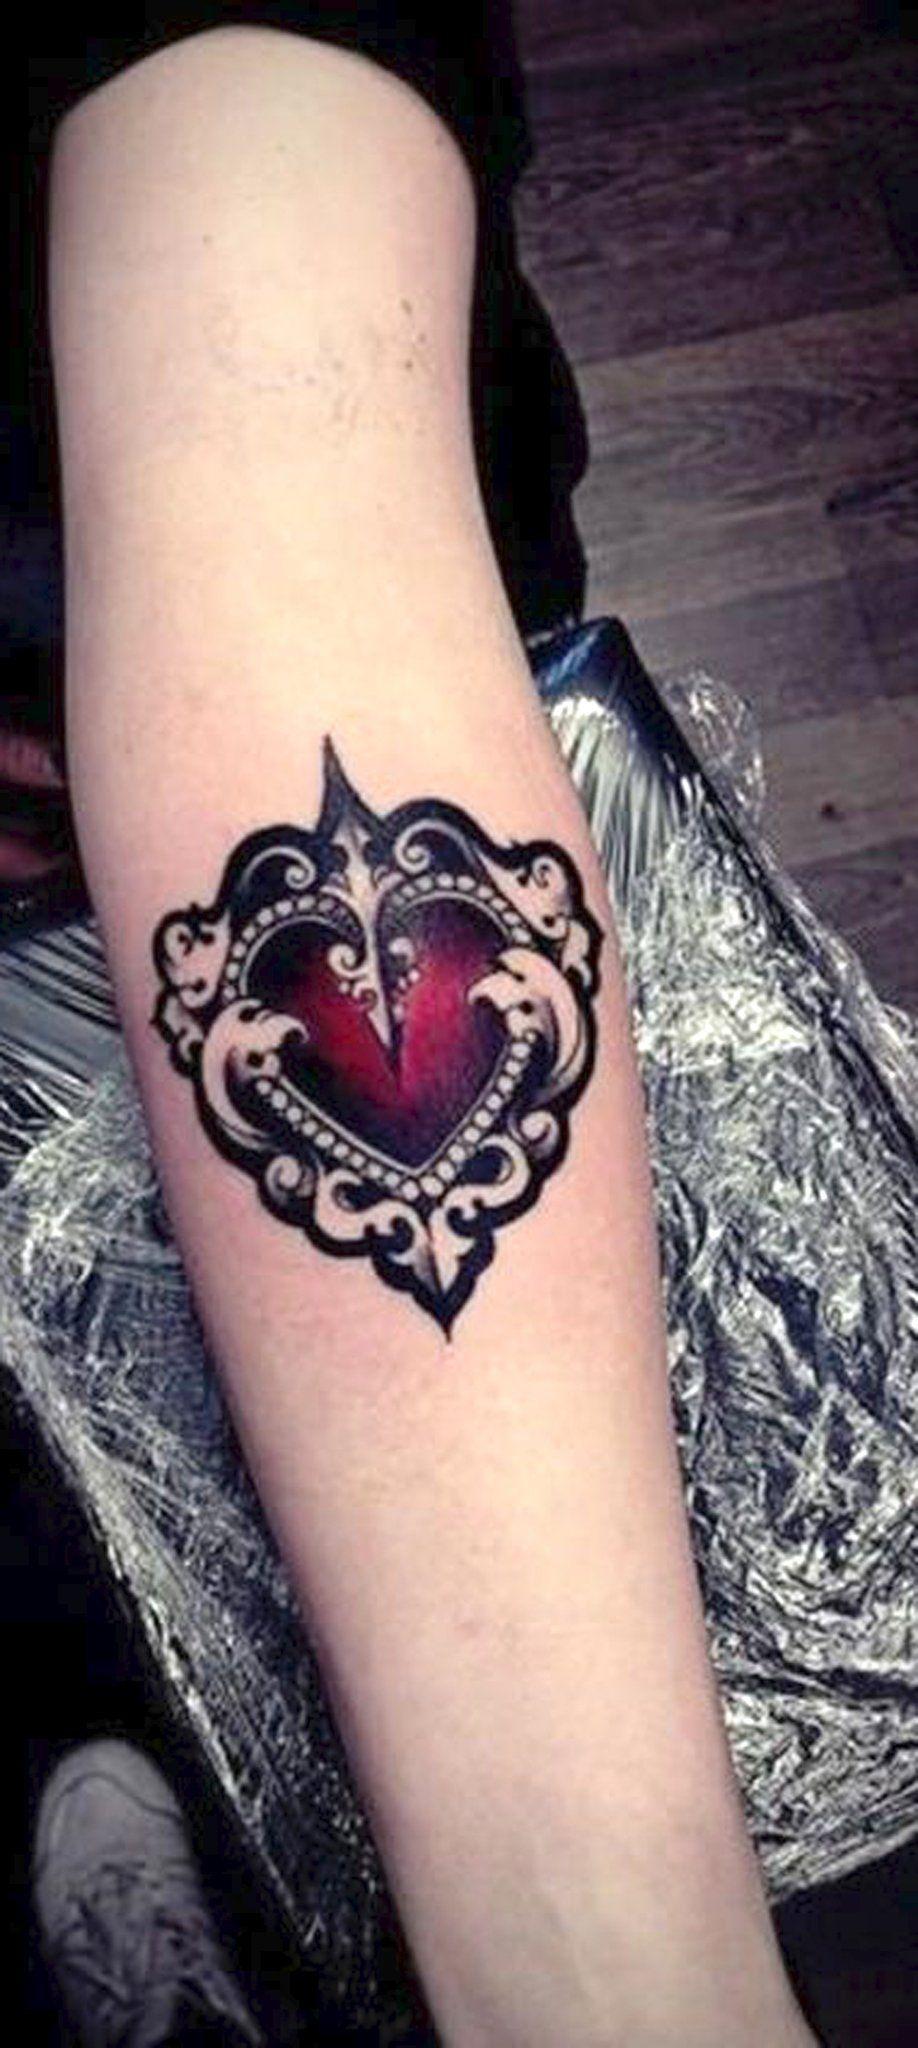 Ide de tatouage original good tatuaje de paloma en el tobillo with ide de tatouage original - Tatouage soeur original ...